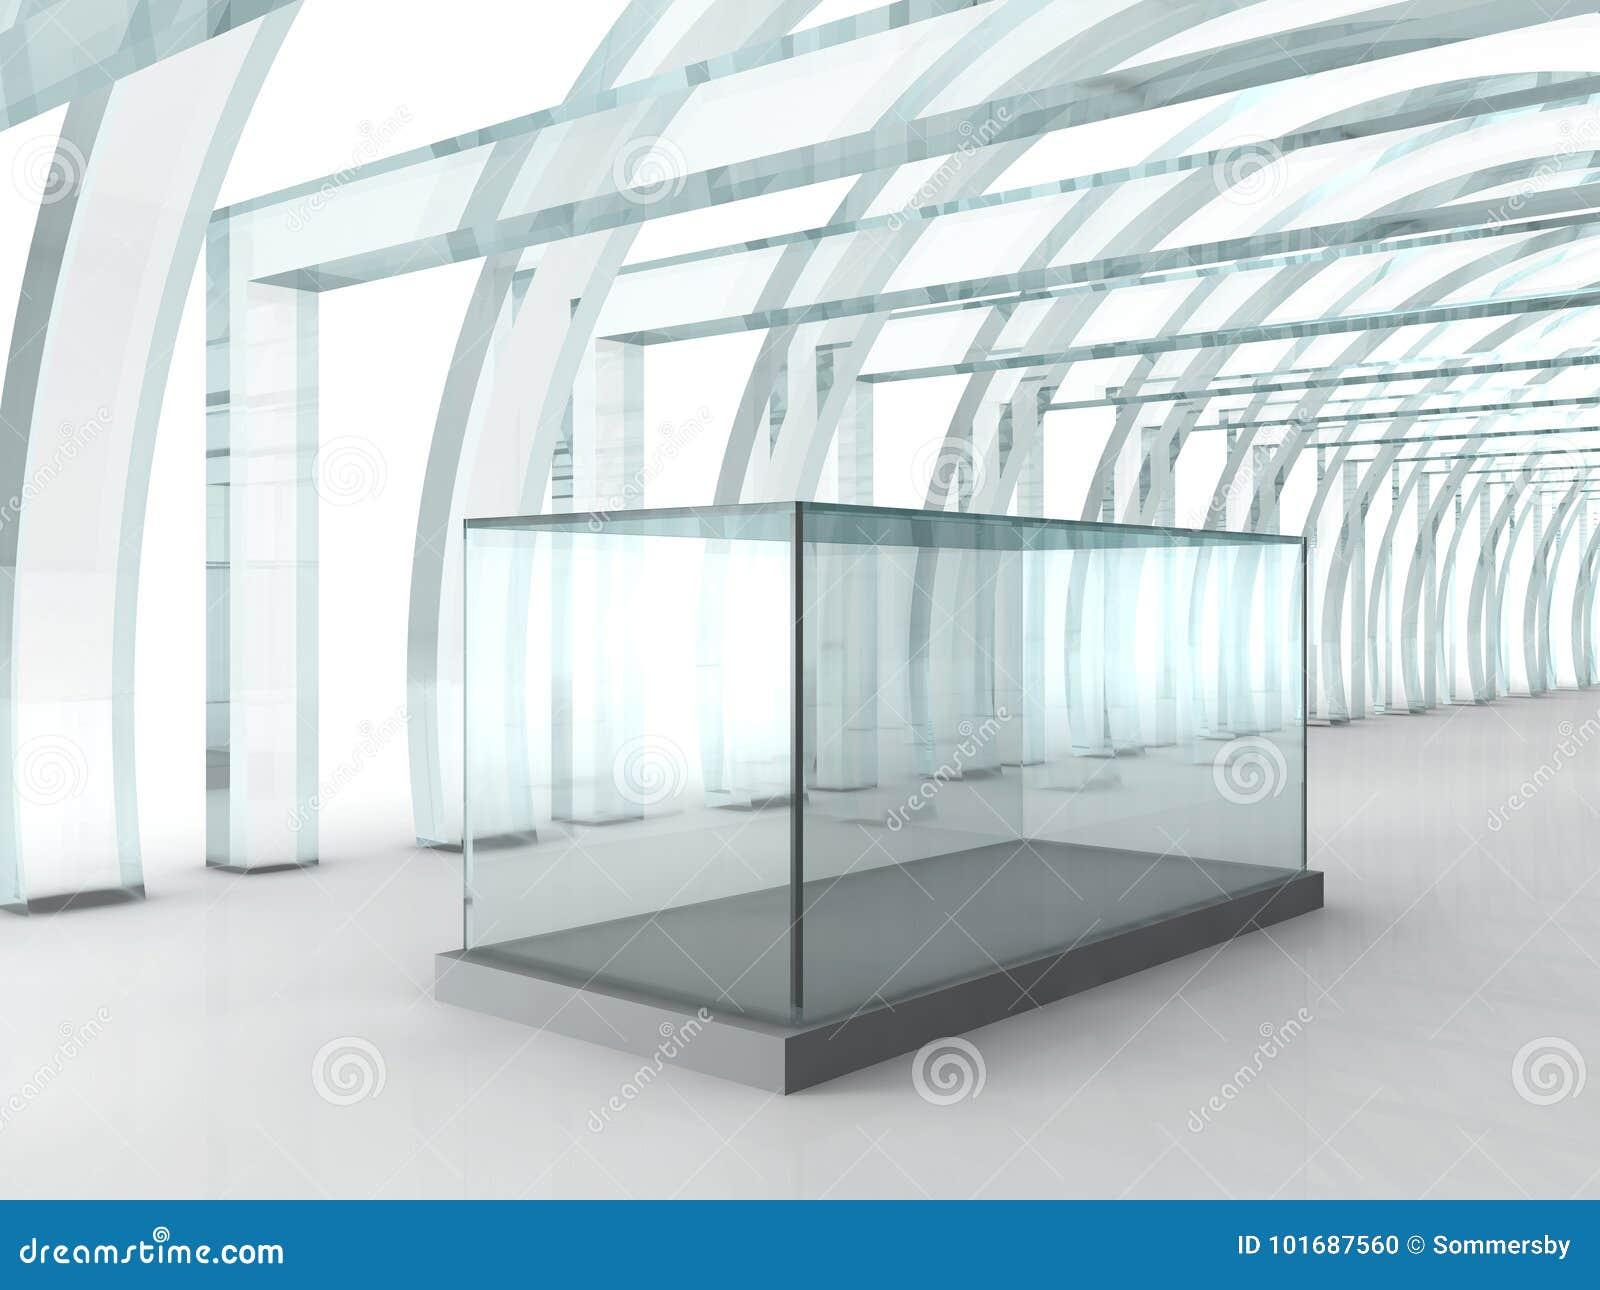 明亮的玻璃走廊或隧道有玻璃箱子的陈列的